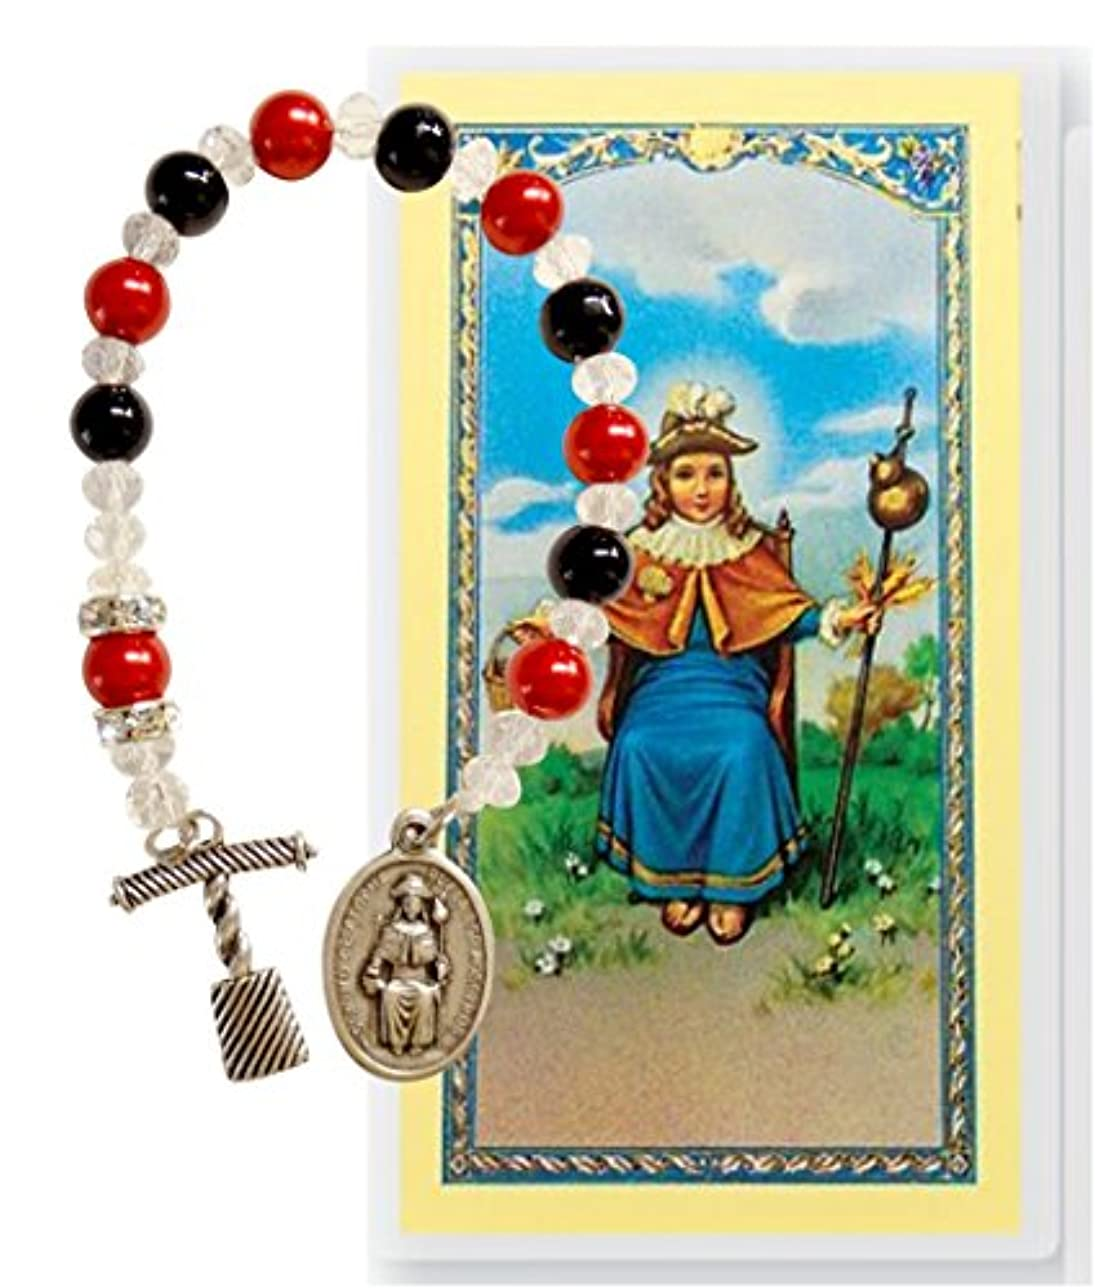 ストレスカブカメラHoly子のAtochaシャプレPrayerカードスペイン語で英語またはBlessed by Pope Francis Free Scented Candle withイメージ